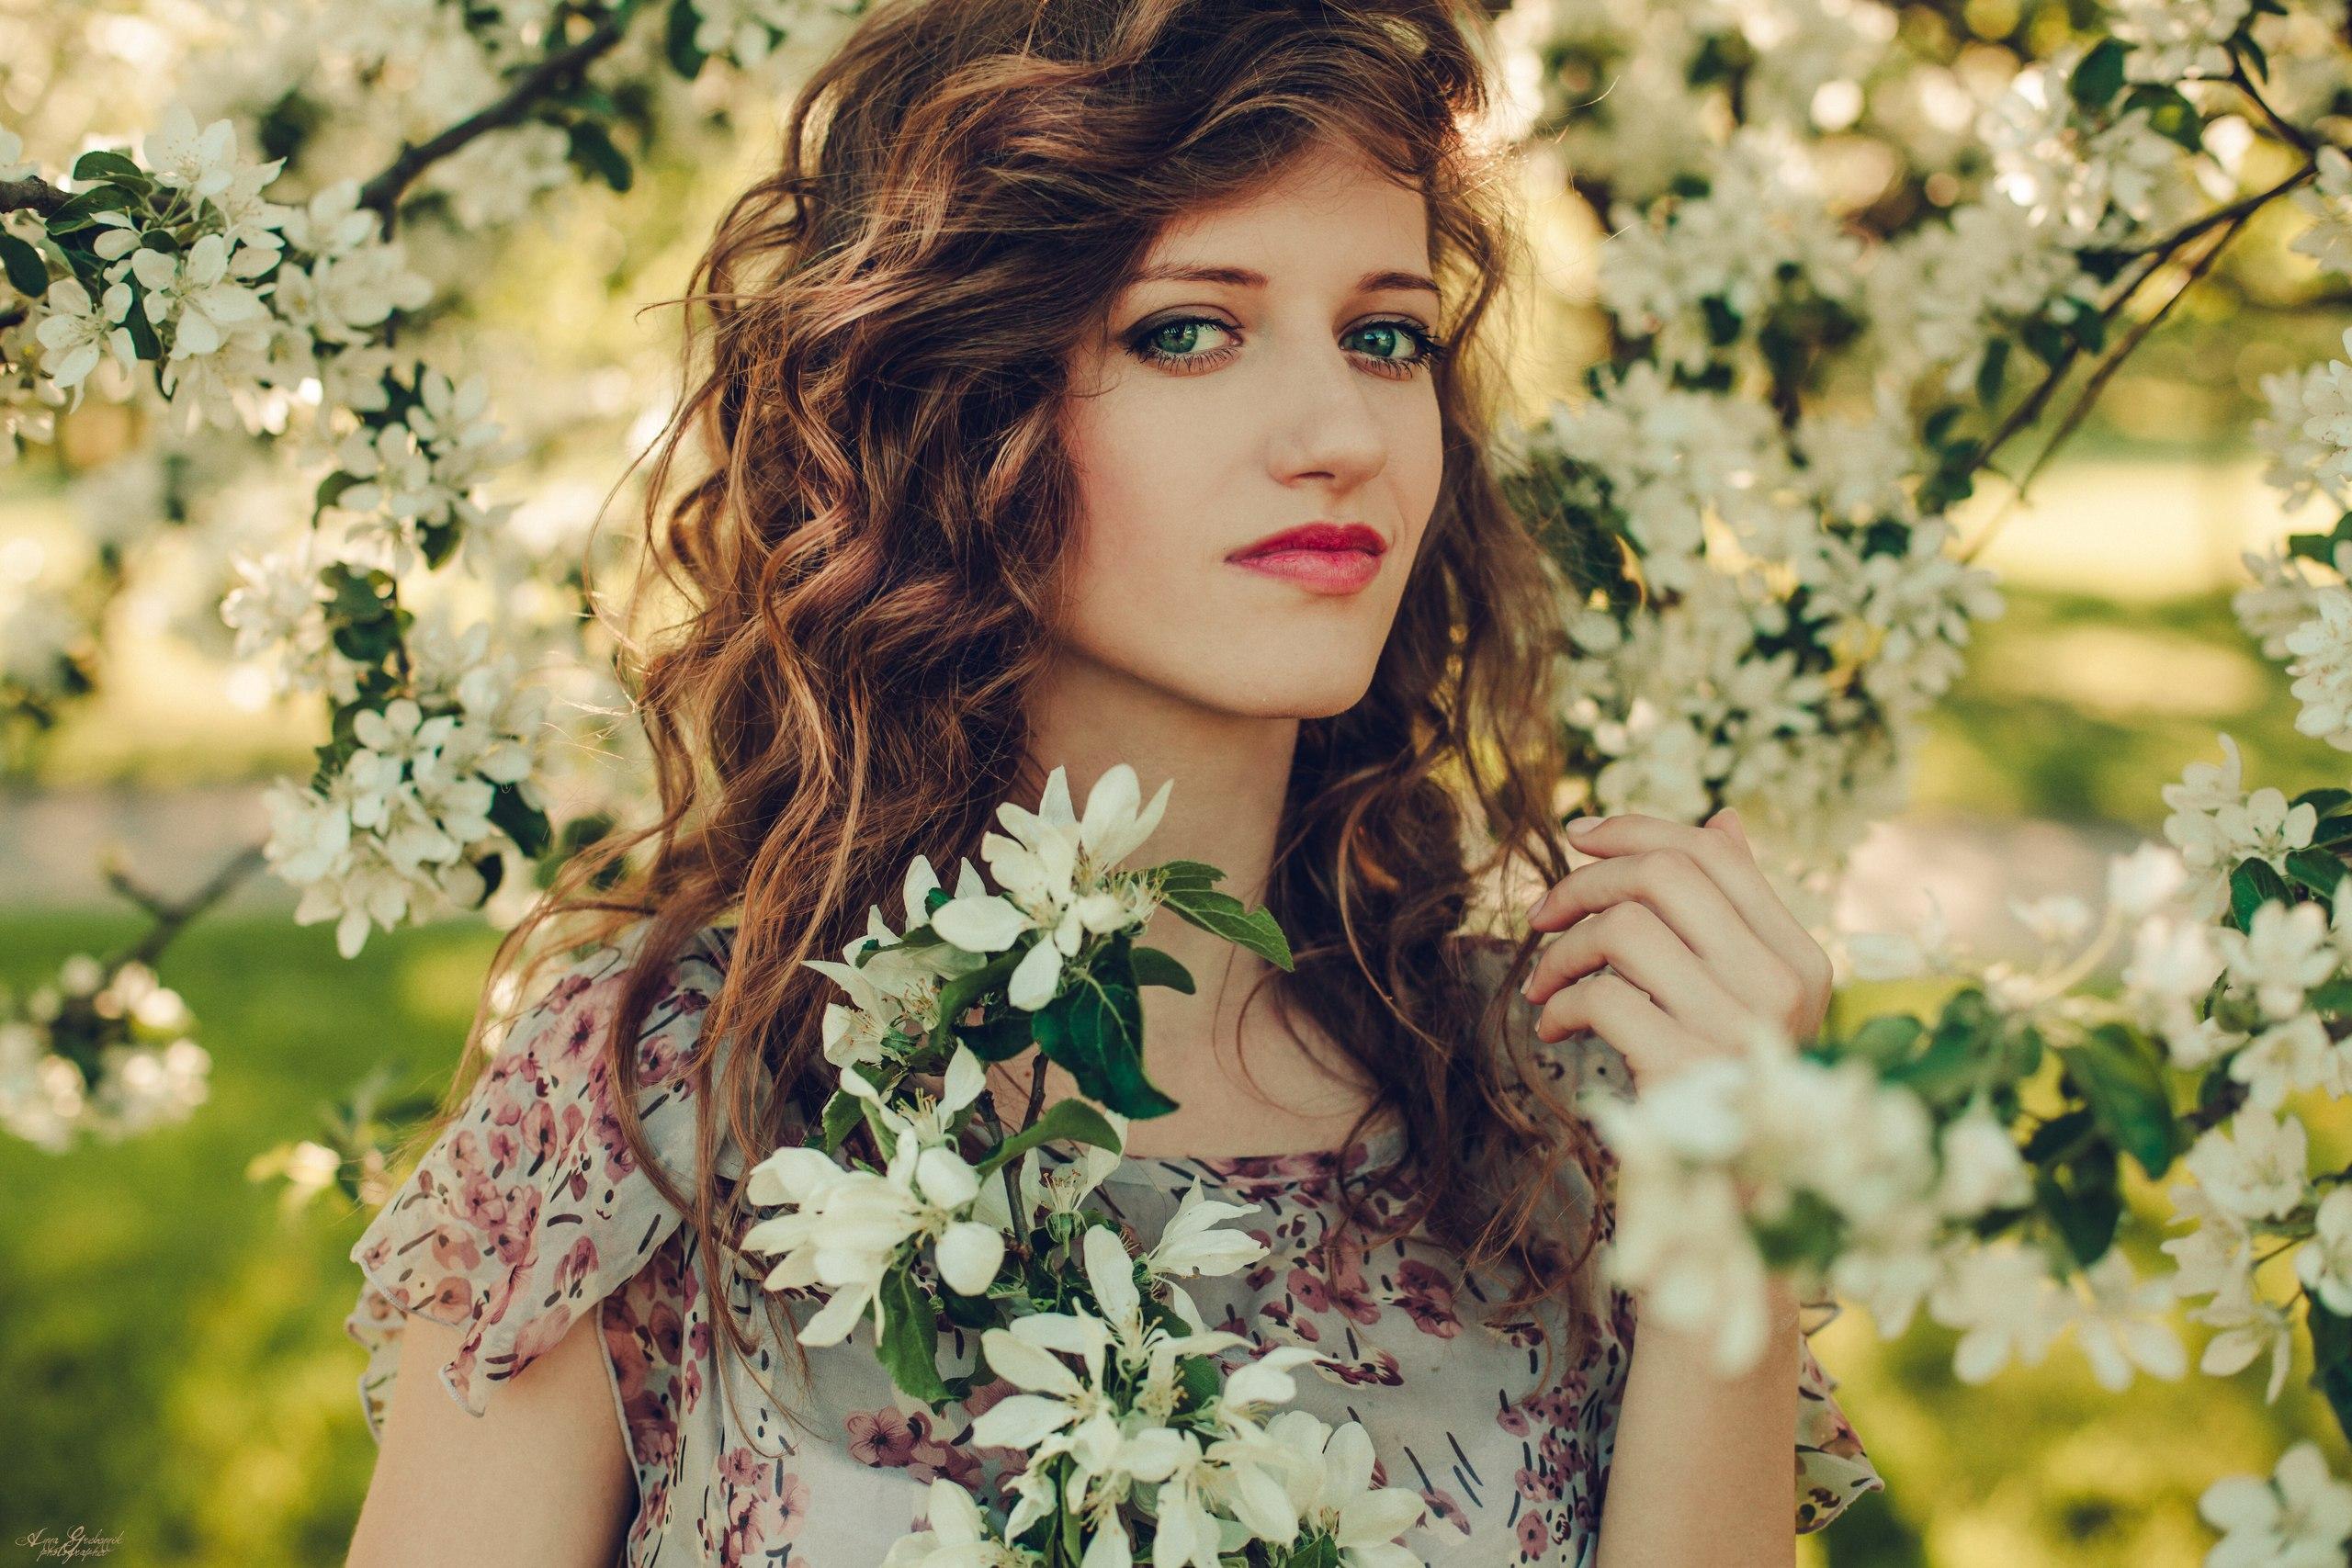 того, реклама фотосессии около цветущих деревьев легенда рассказывает жила